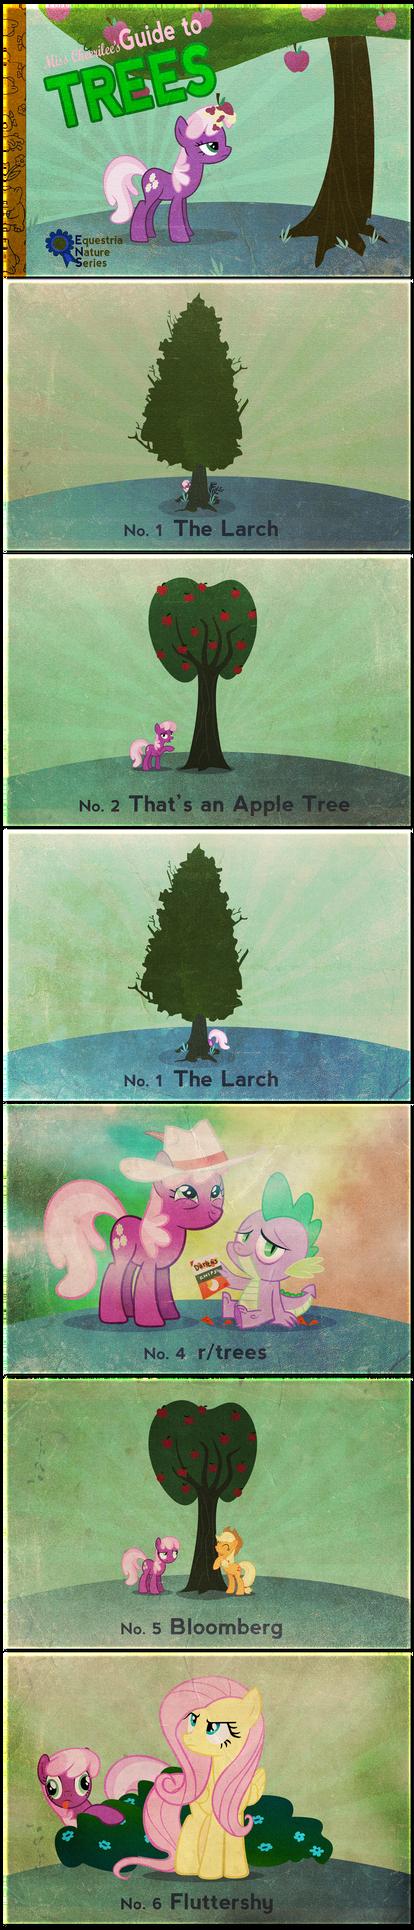 Miss Cheerilee's Guide to Trees by PixelKitties